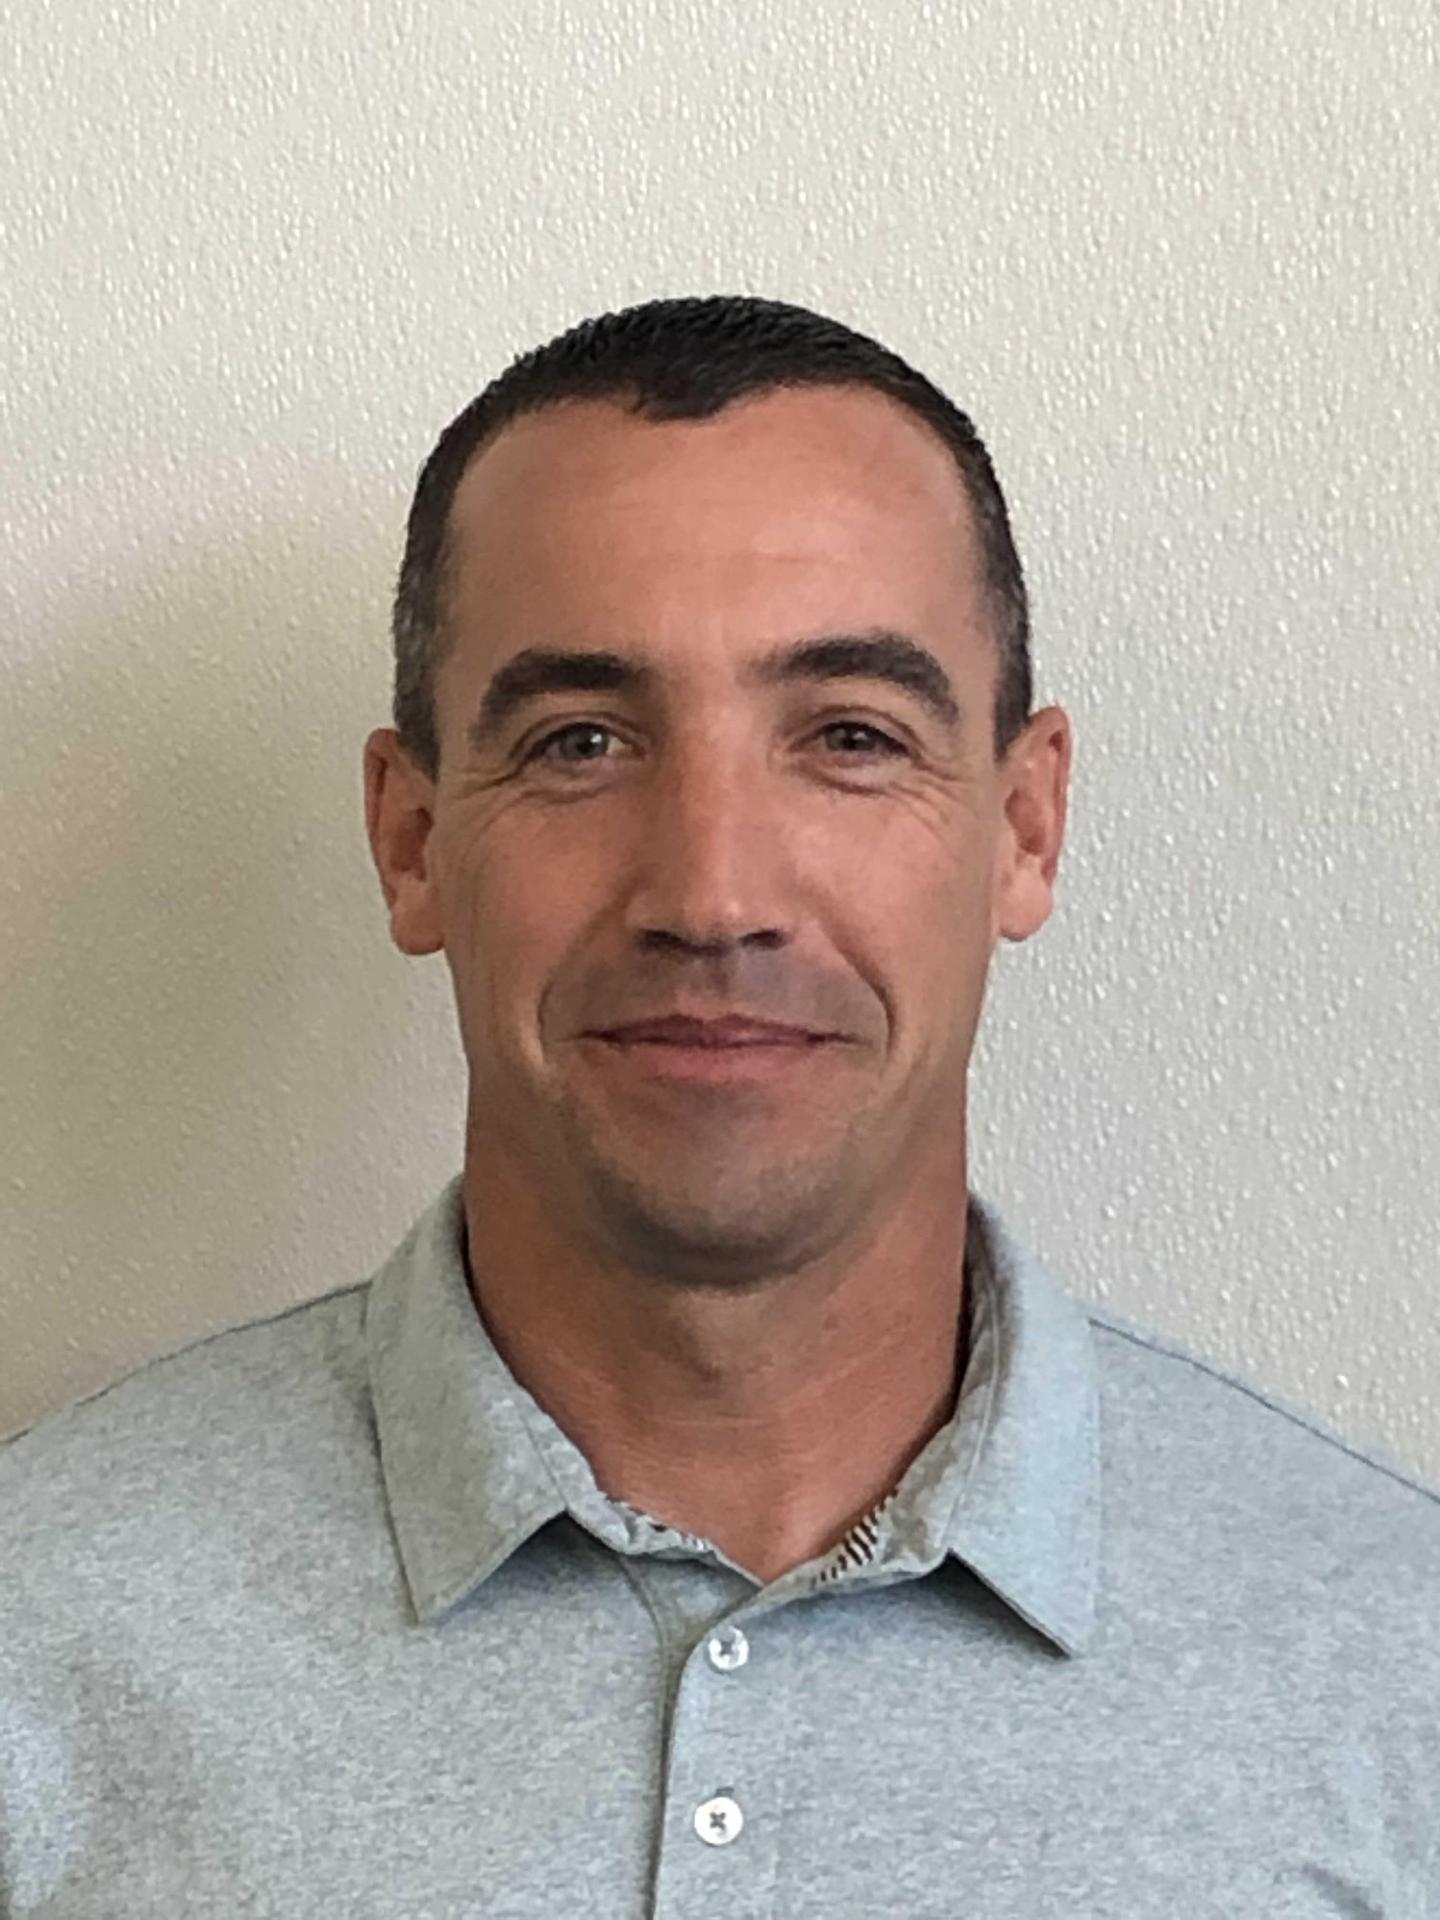 Randy Holtberg